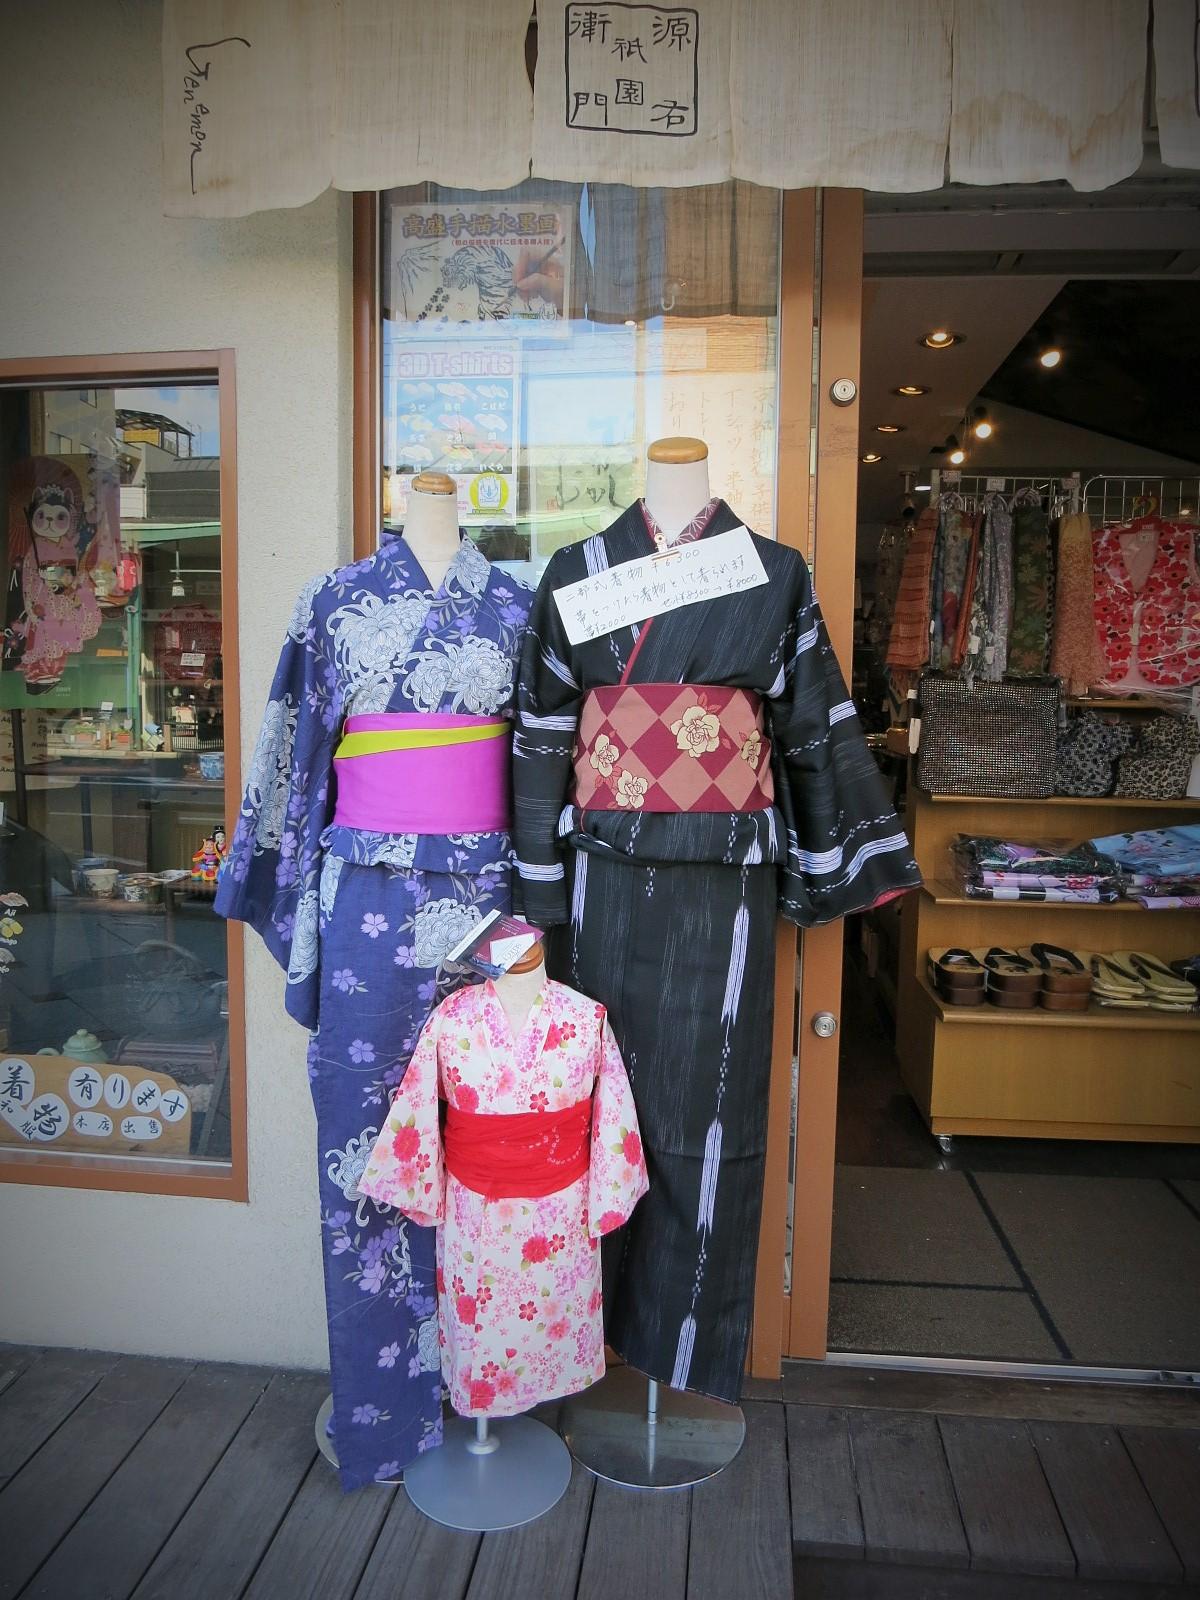 京都で朝活④ 次回の為の覚書き♪_f0236260_14521924.jpg